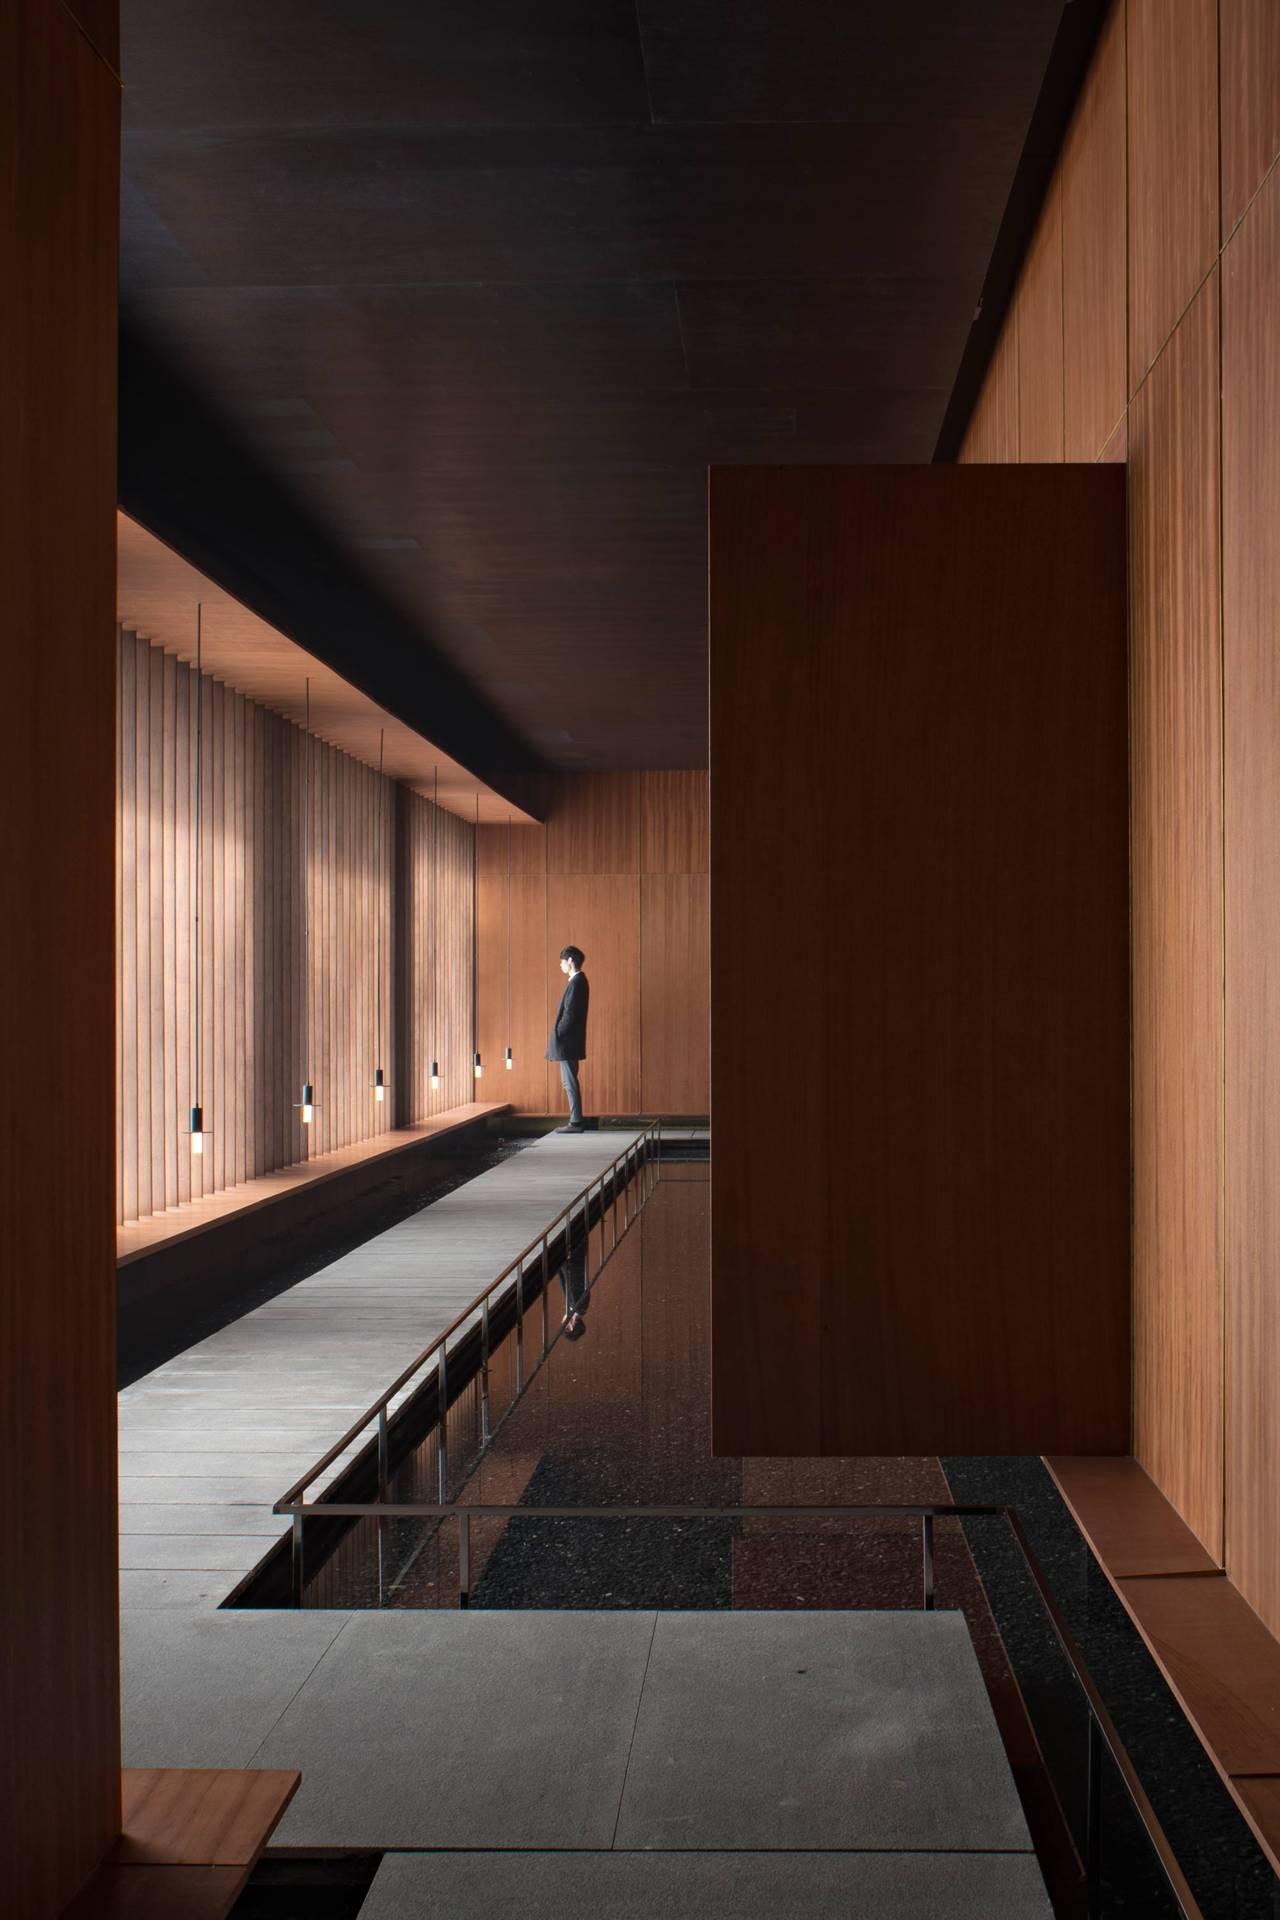 Salle de méditation, Huanghua, Chine